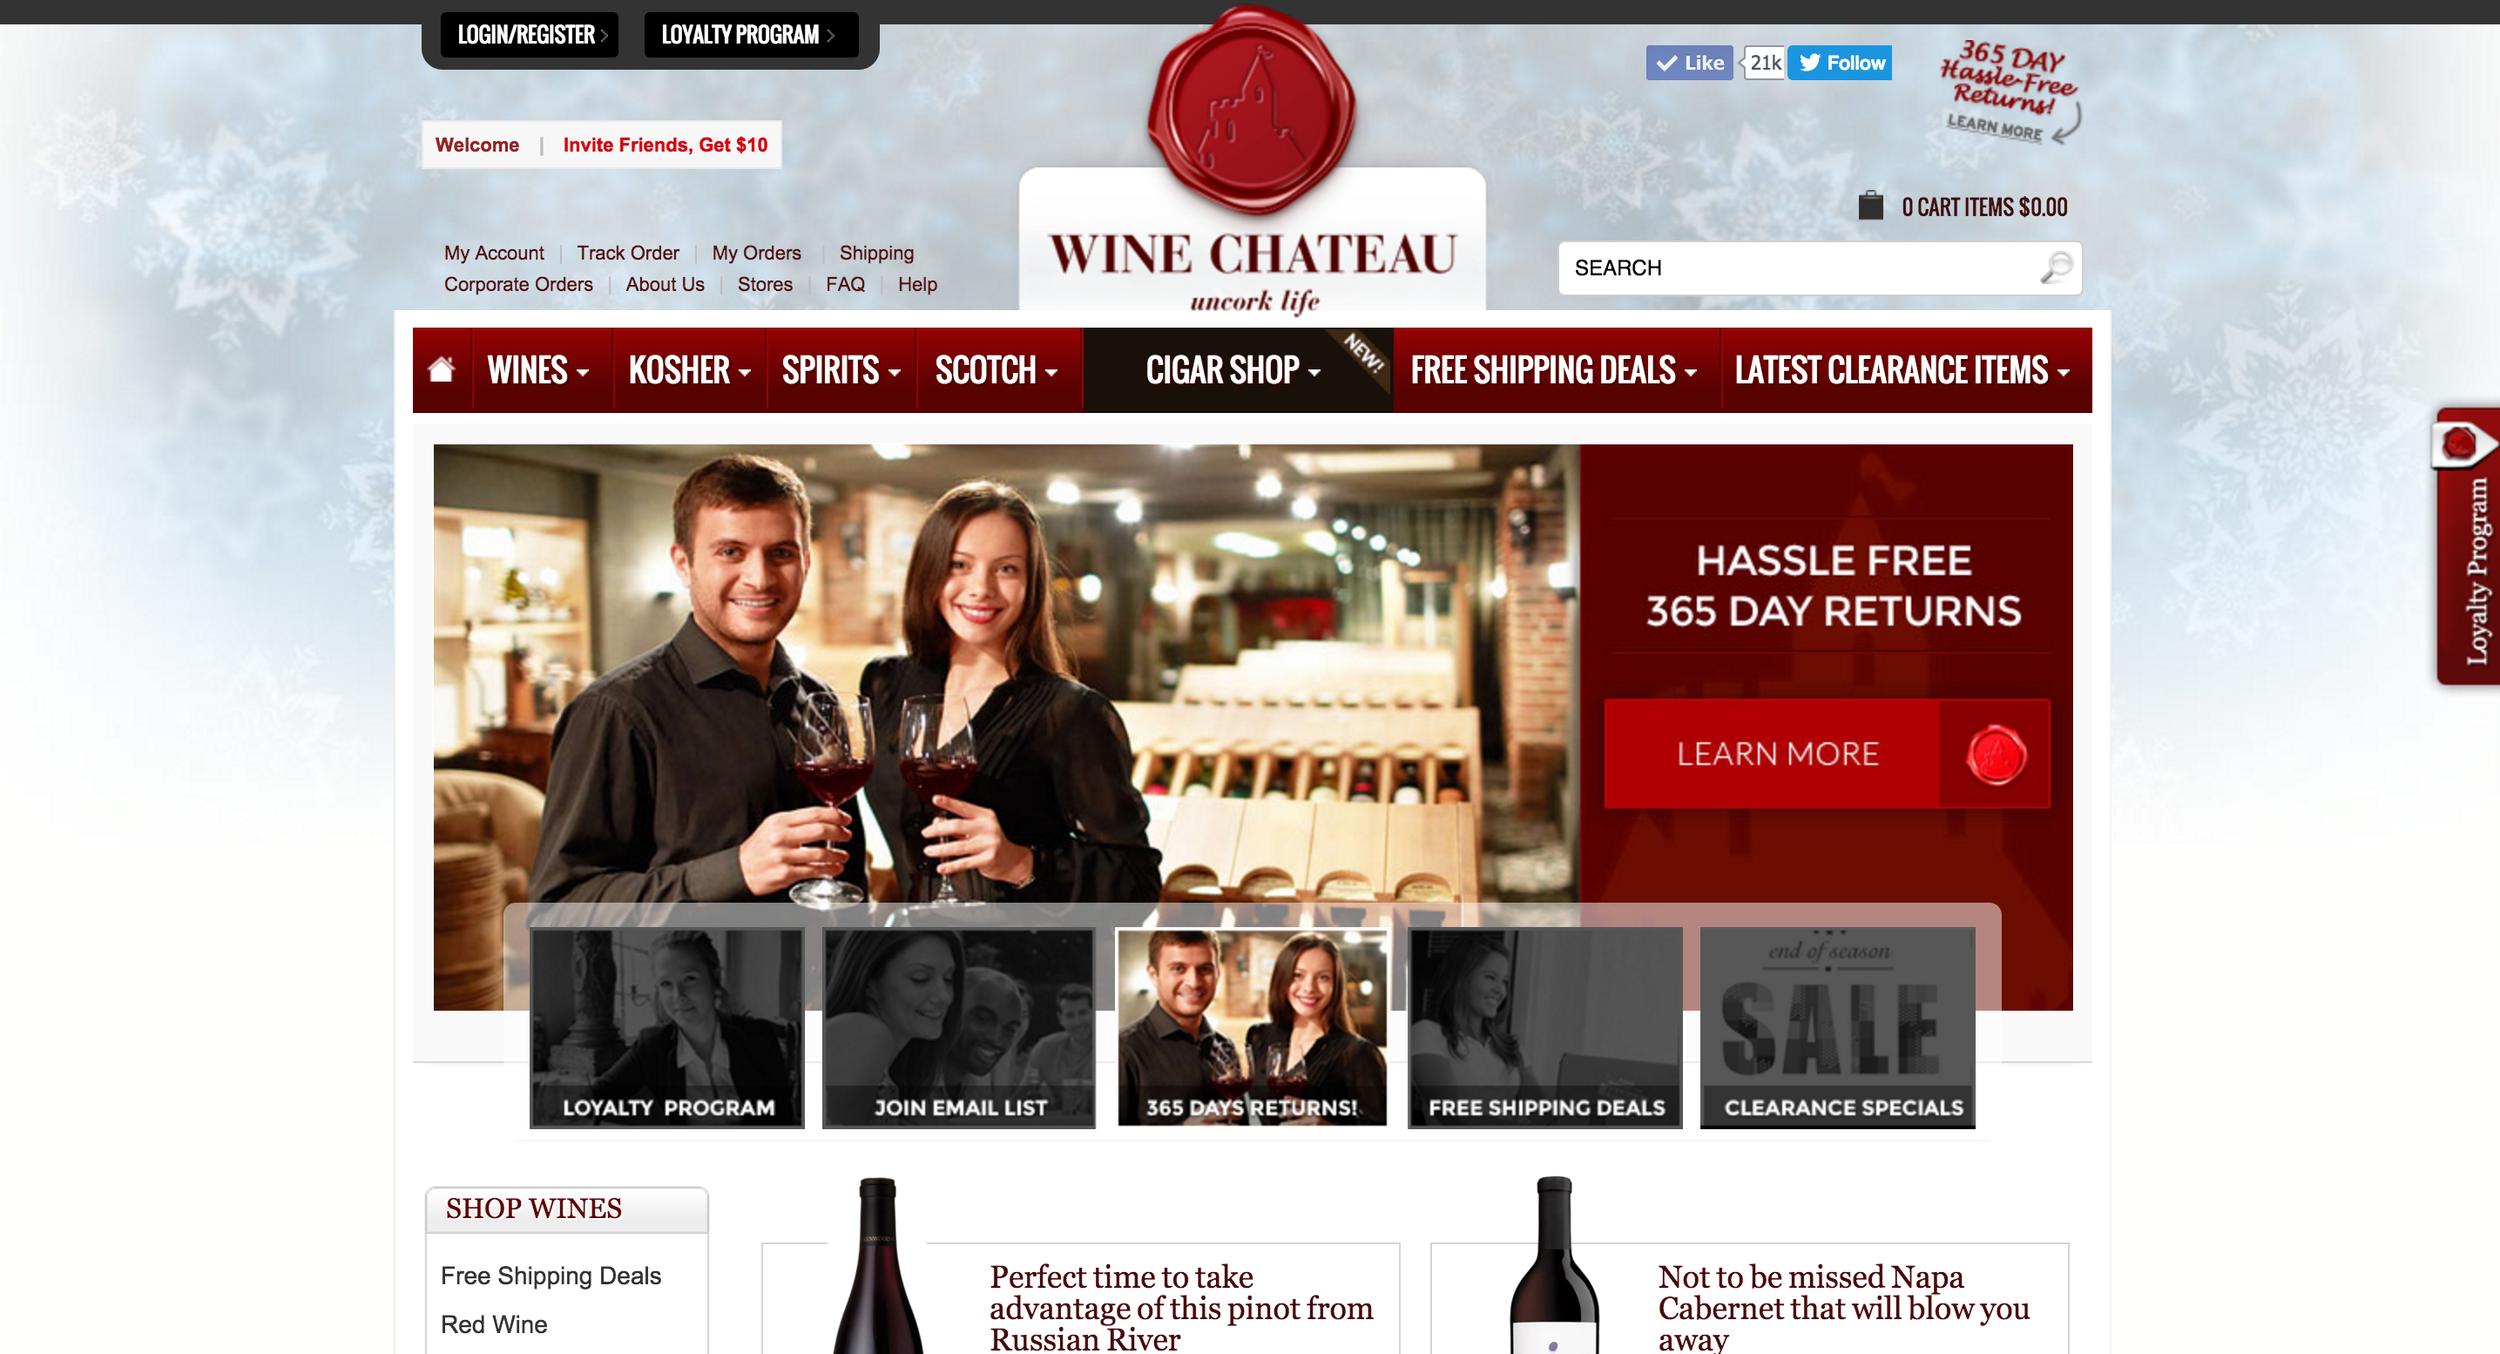 Wine Chateau (winechateau.com)